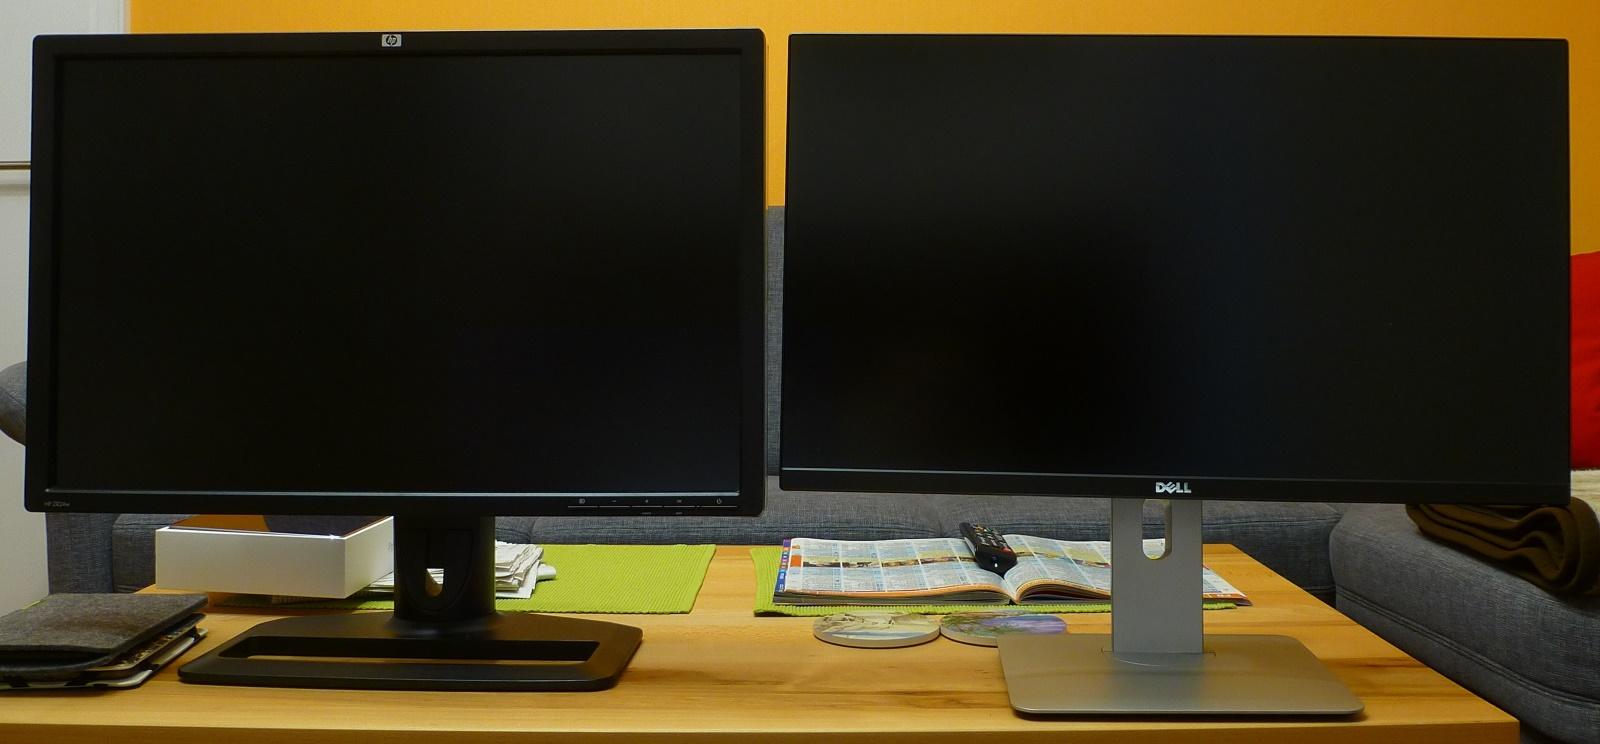 HP ZR24w (links) und Dell U2515 (rechts)